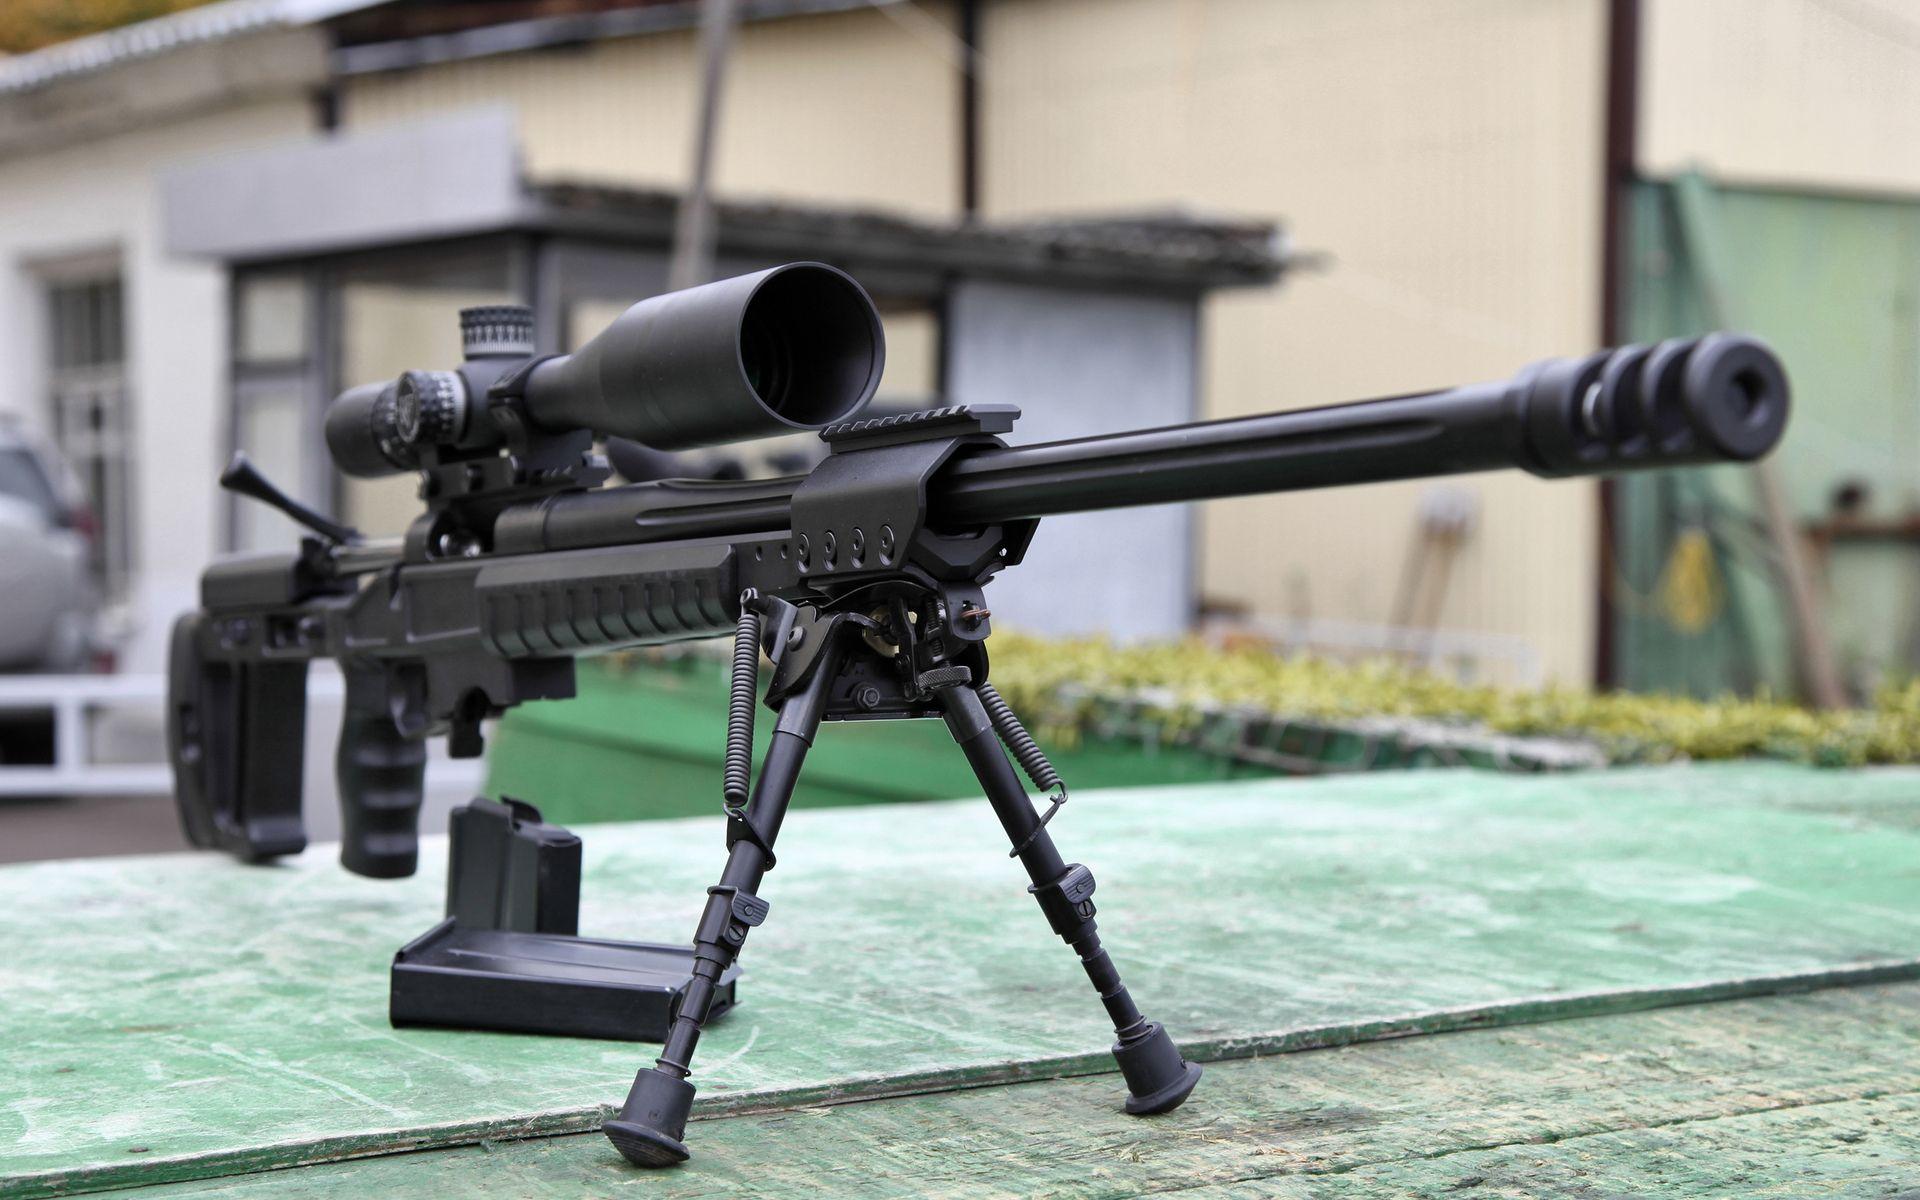 орсис т-5000б orsis t-5000, российская снайперская винтовка